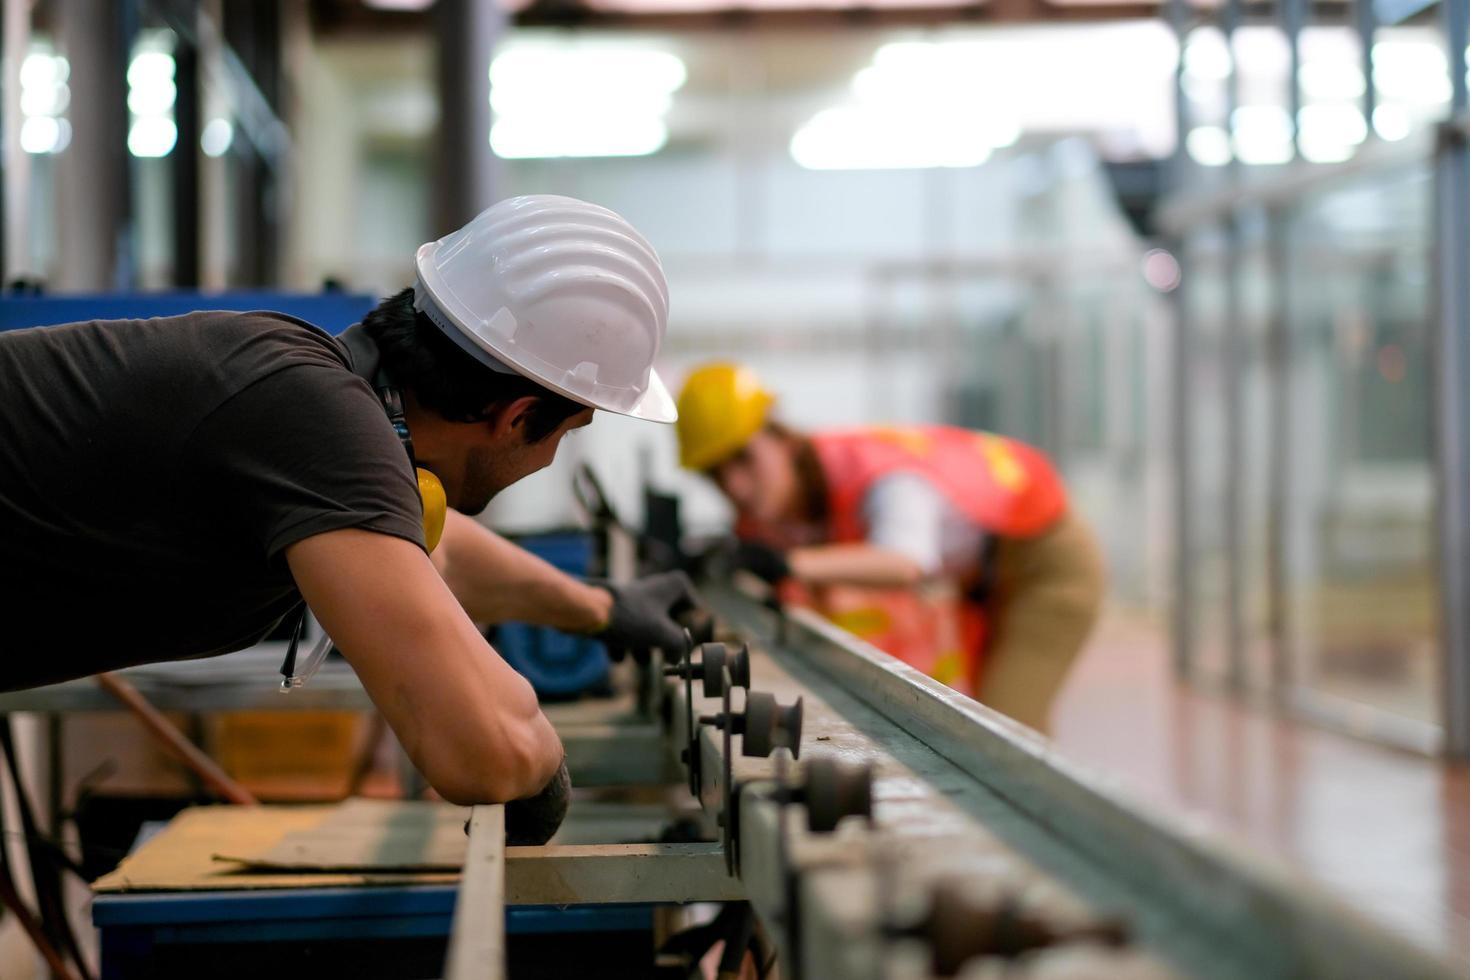 tecnico maschio nell'impianto industriale che lavora accanto al collega femminile foto